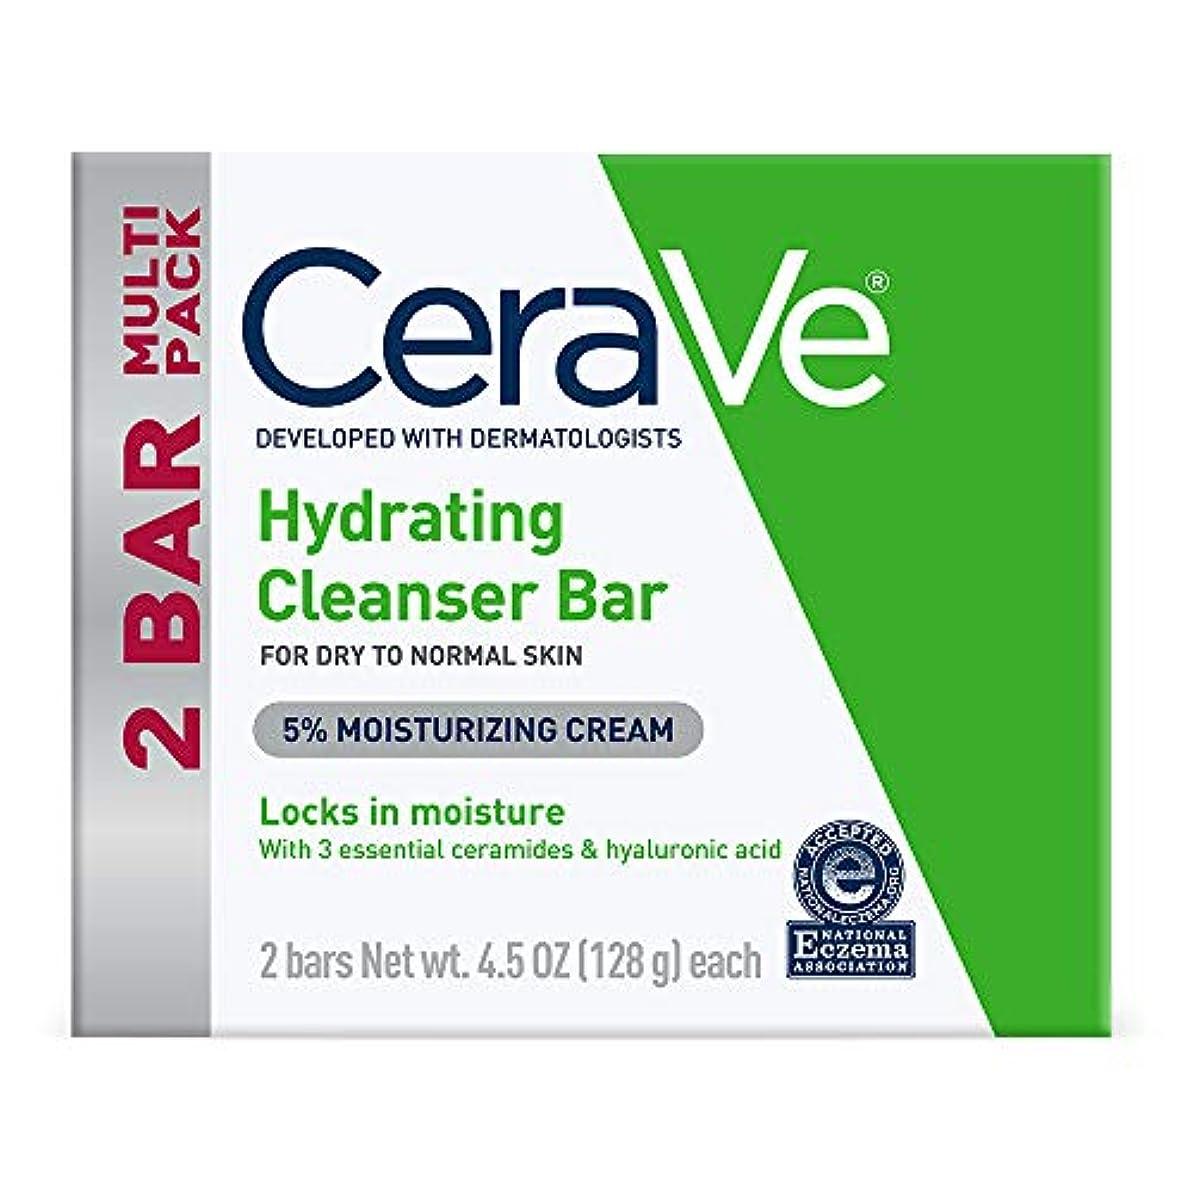 健康個性文字セラヴィ ハイドレイティングクレンジングバー ノーマル?ドライスキン用 2パック CeraVe Hydrating Cleansing Bar for Normal to Dry Skin - 4.5oz - 2ct